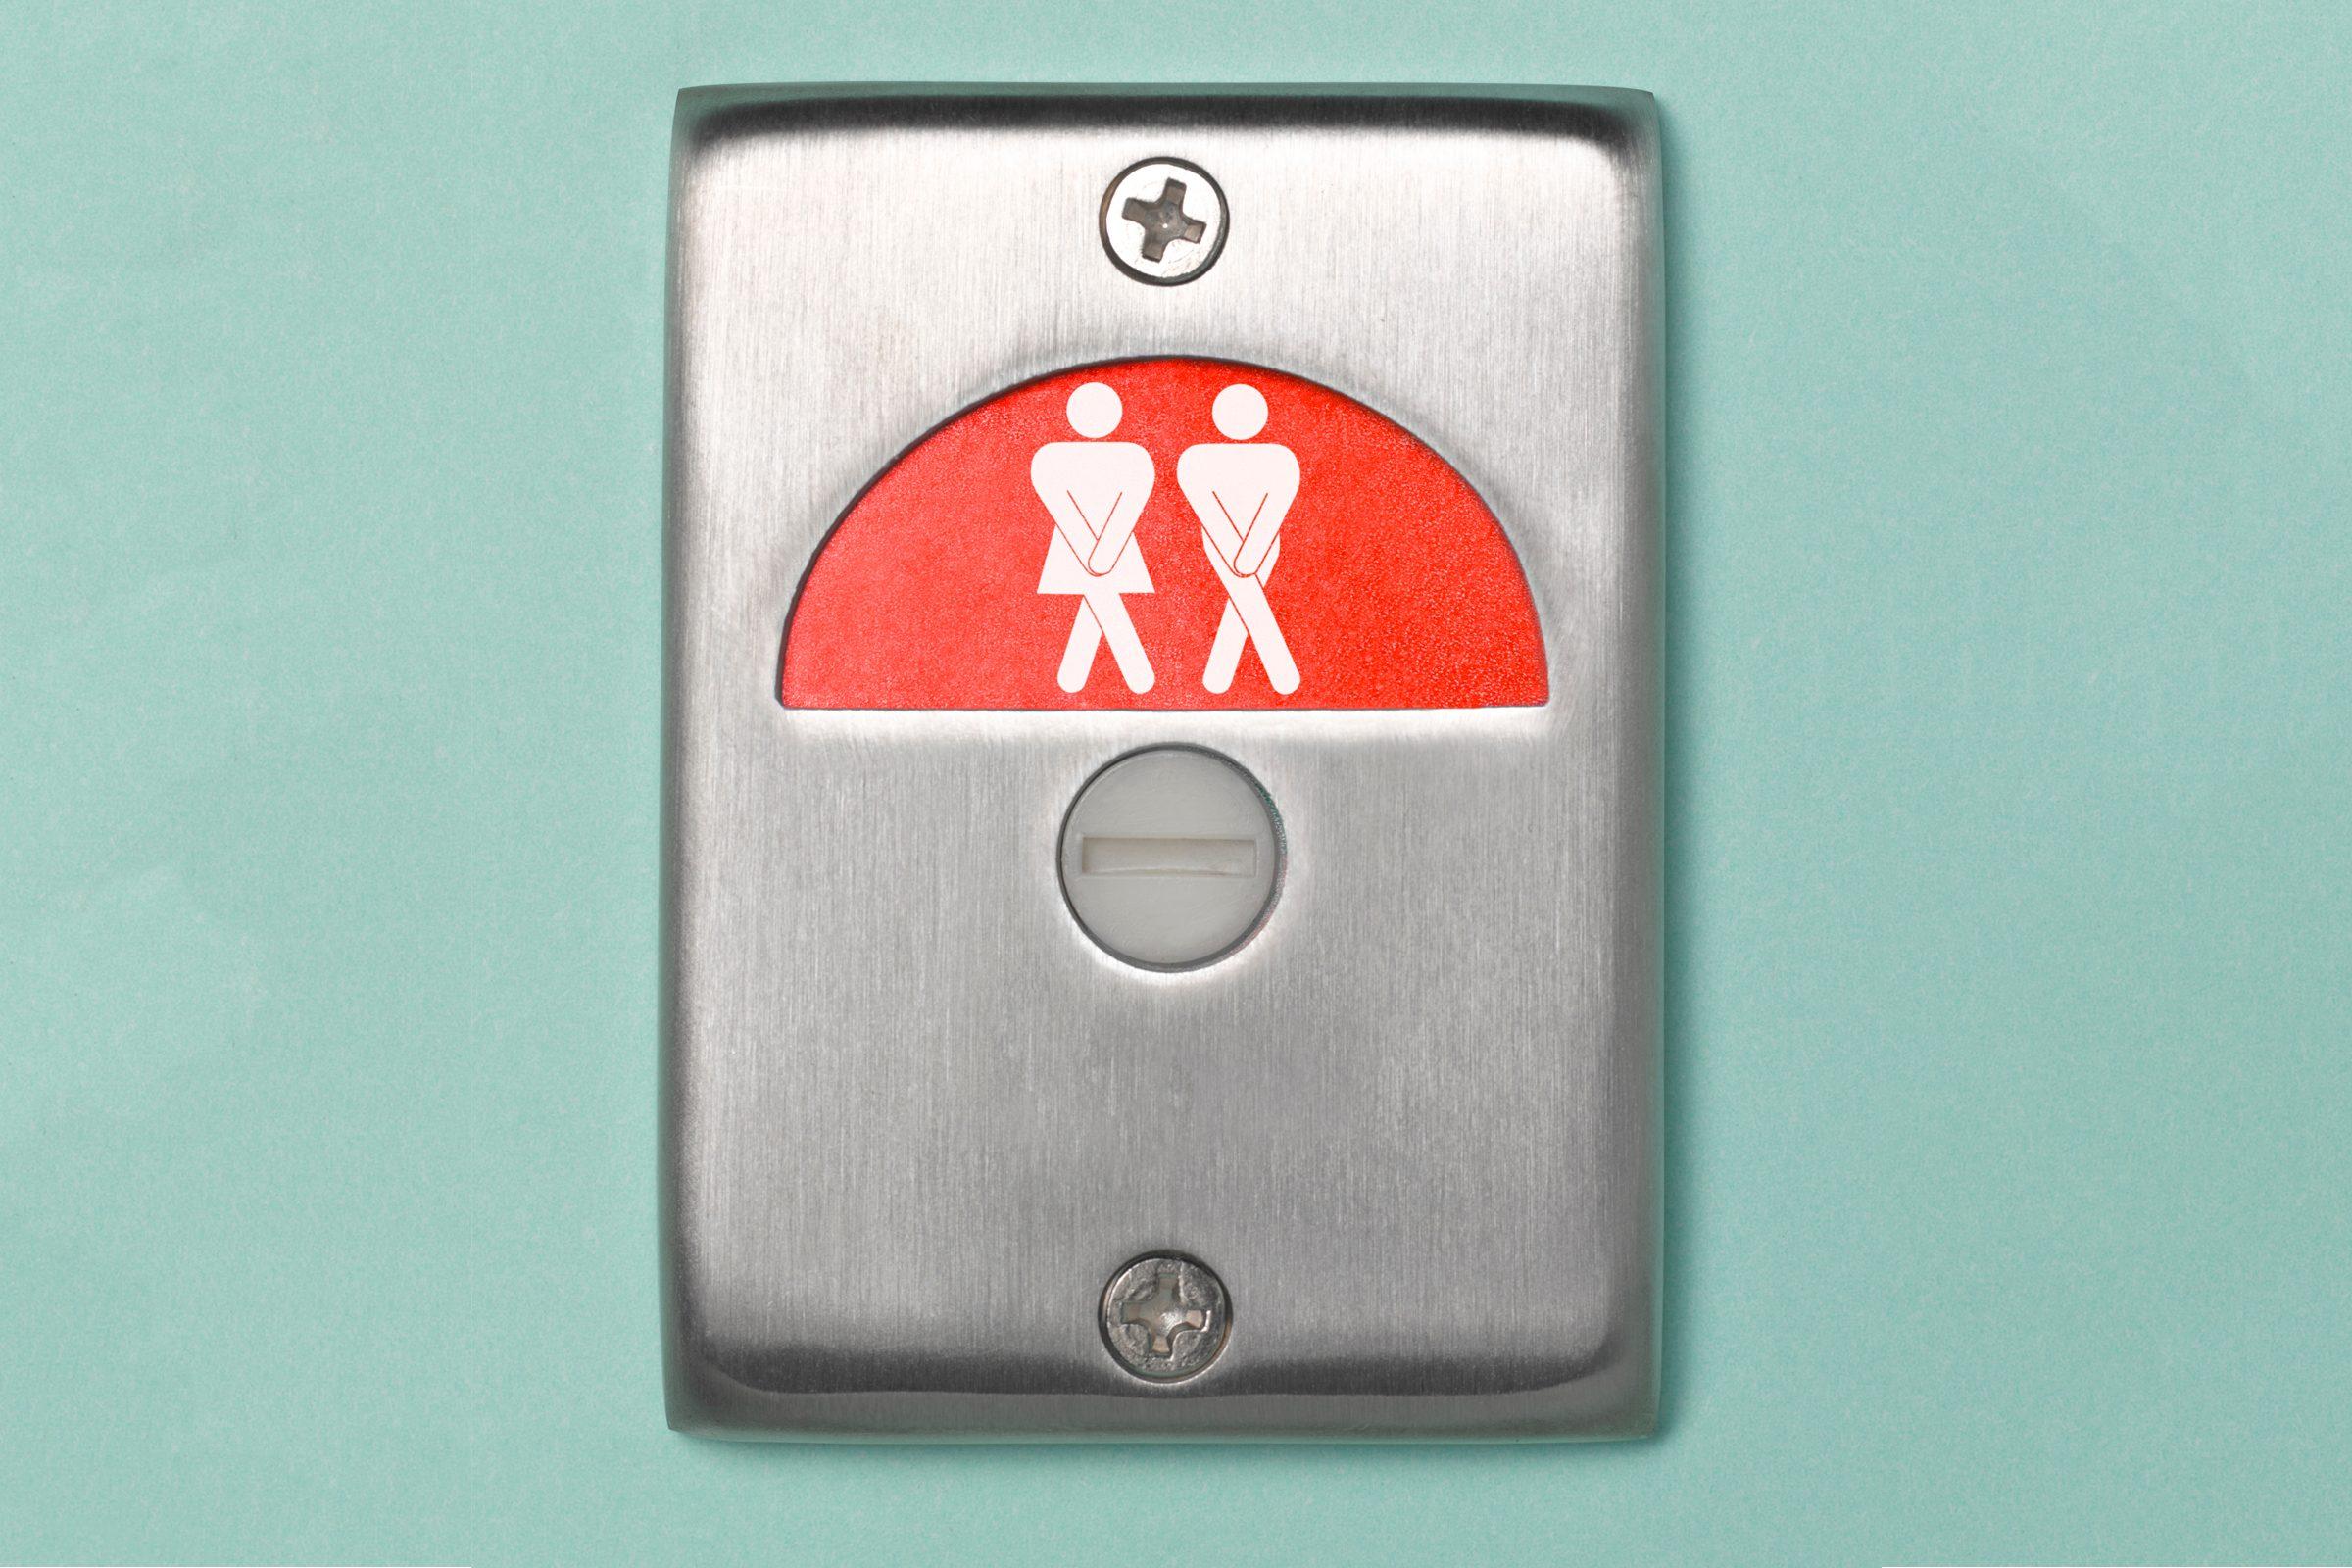 overactive bladder restroom sign